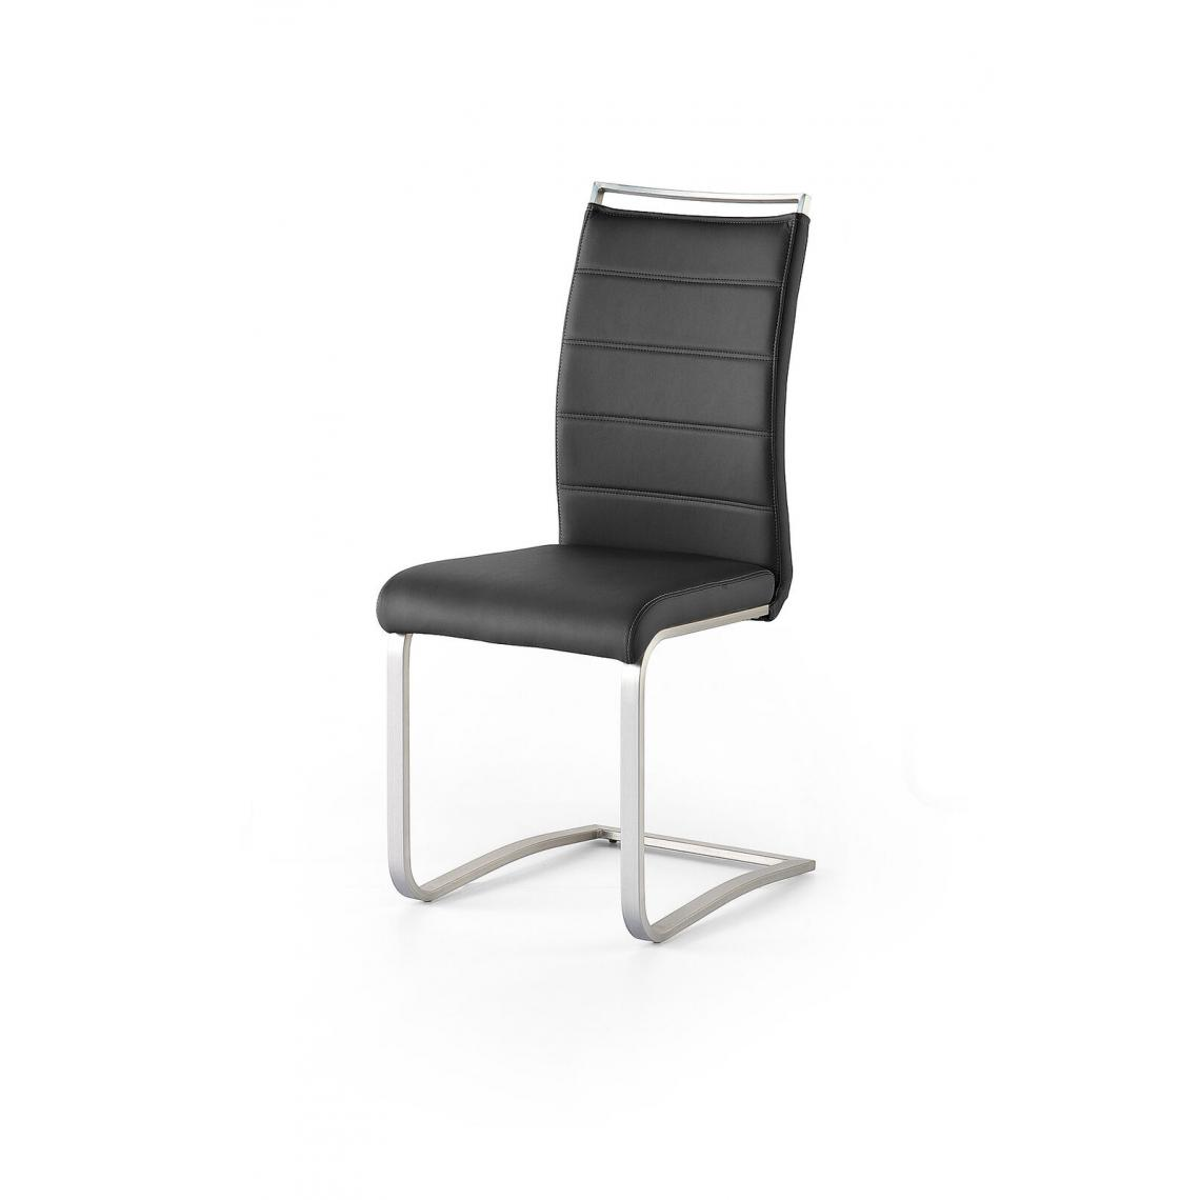 Pegane Lot de 2 chaises en acier et simili cuir coloris noir - L.42 x H.102 x P.56 cm -PEGANE-